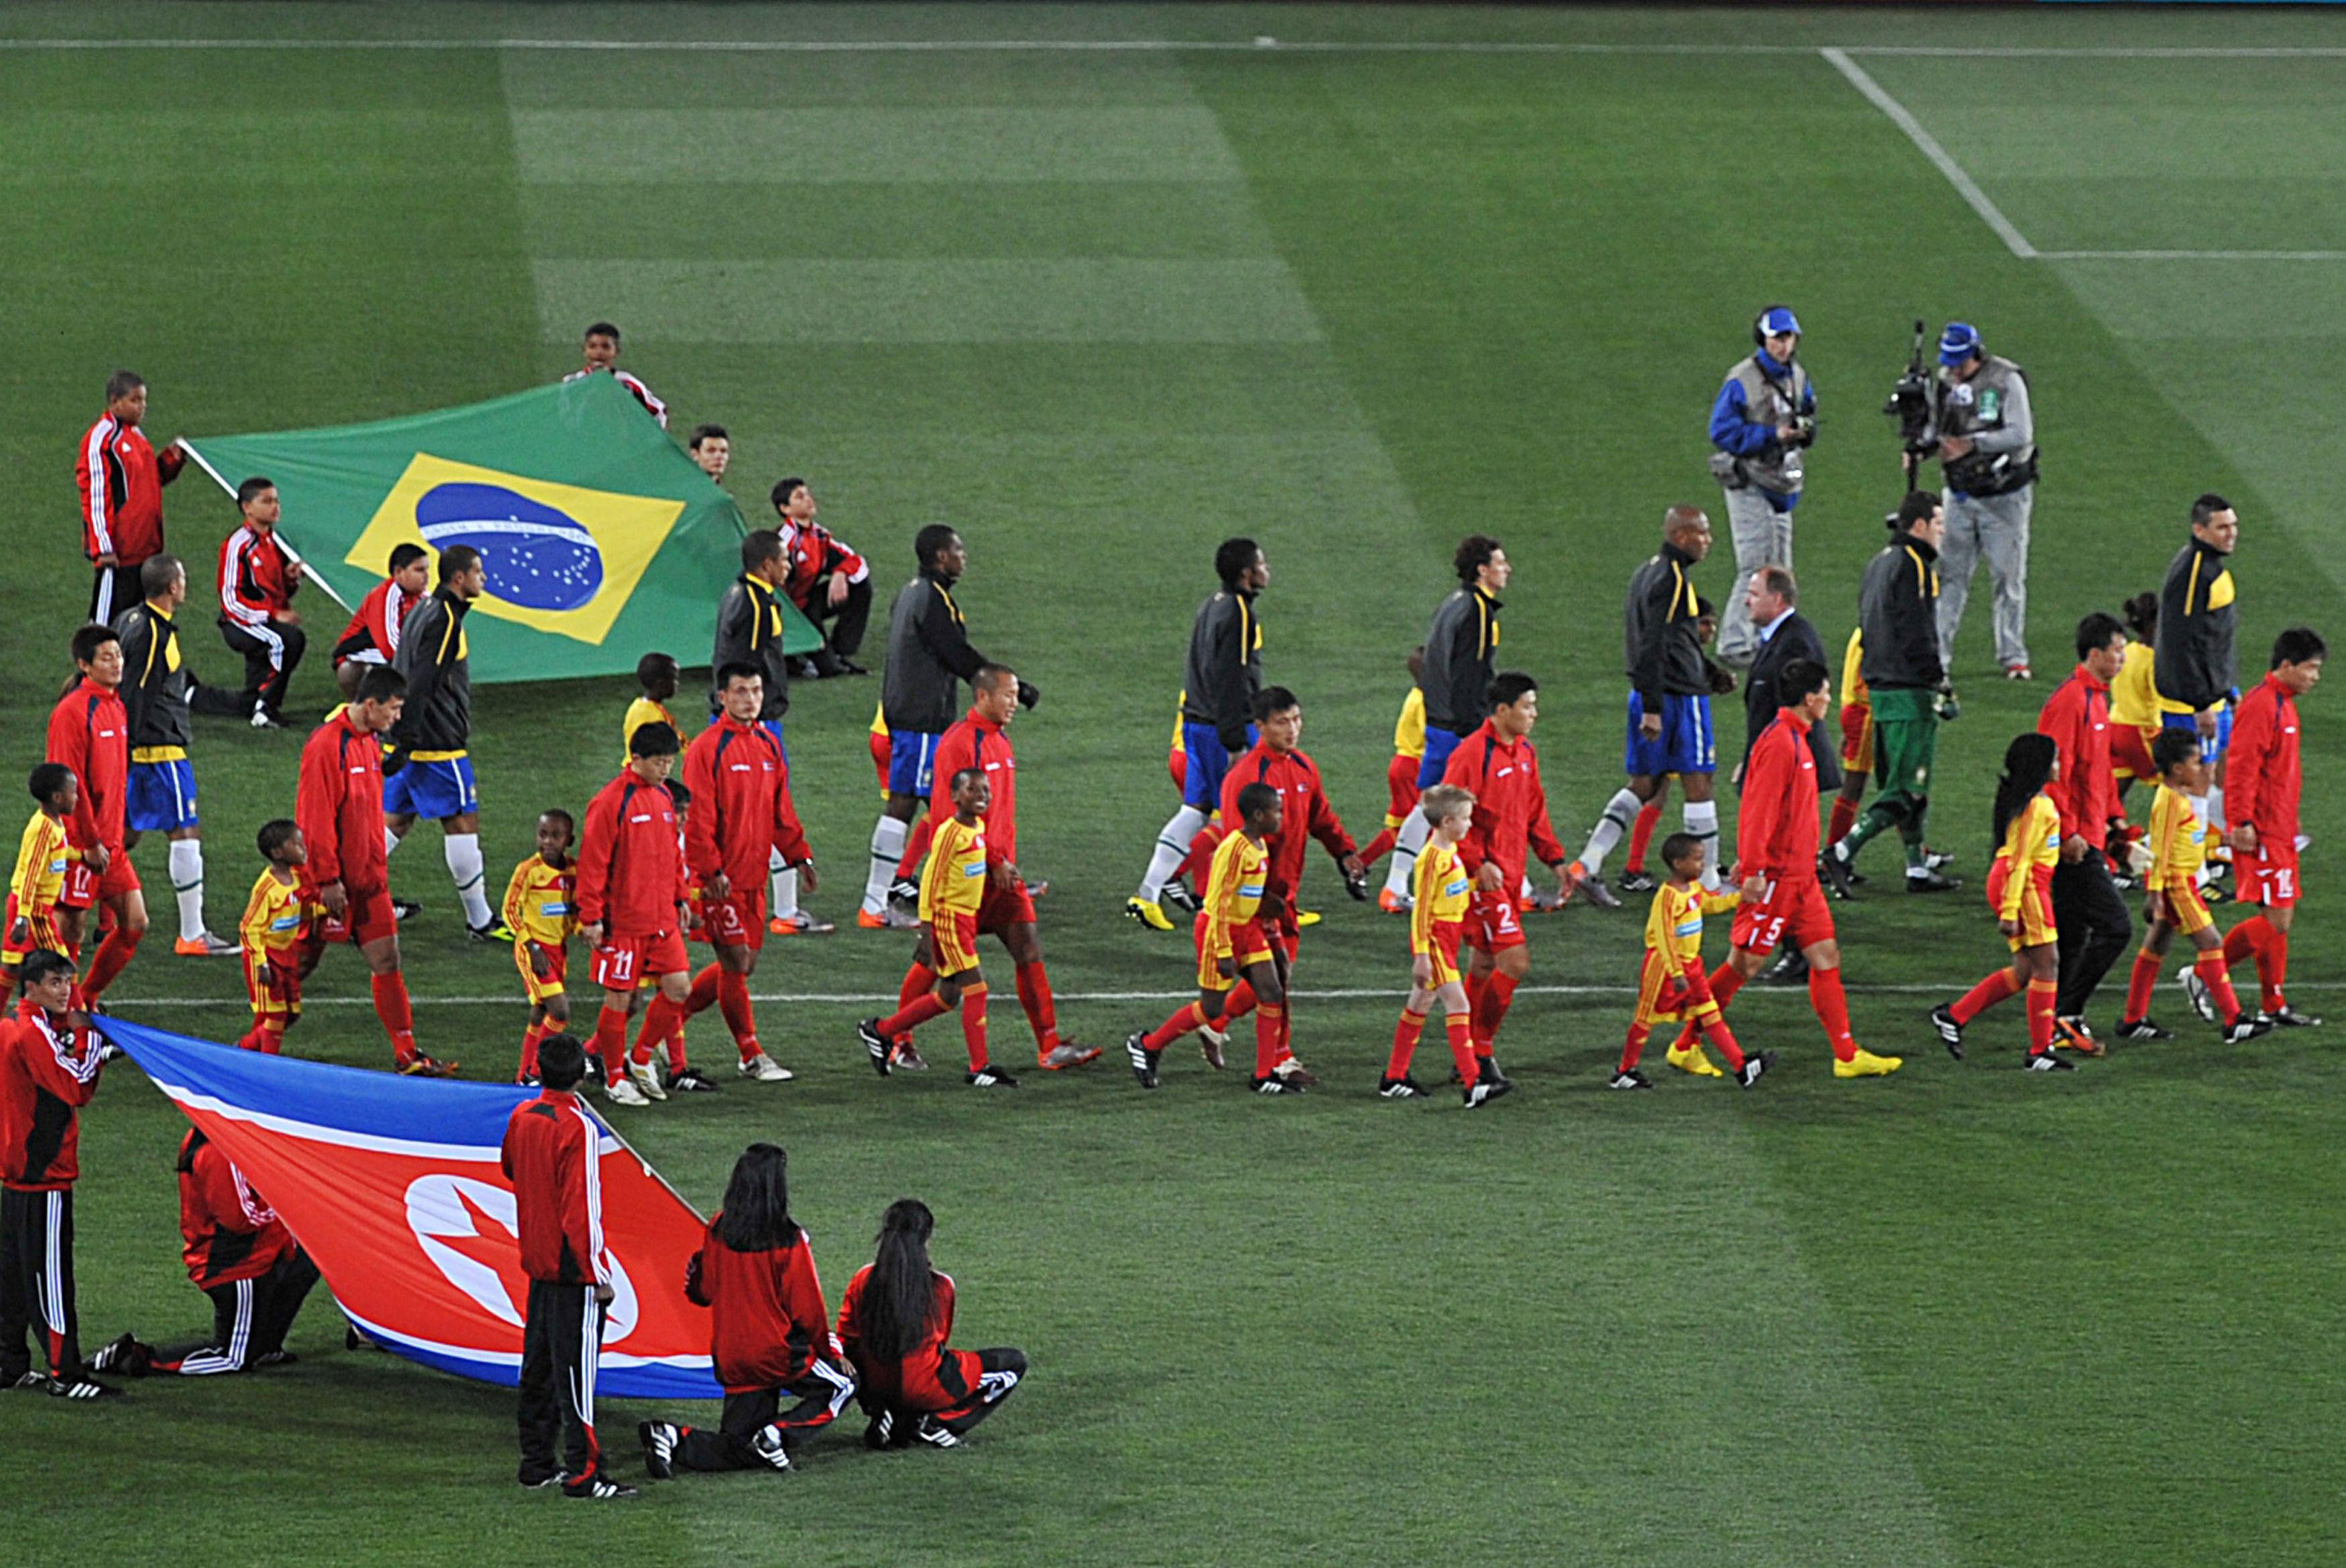 Північна Корея обіграла Бразилію – 8:1. Відео